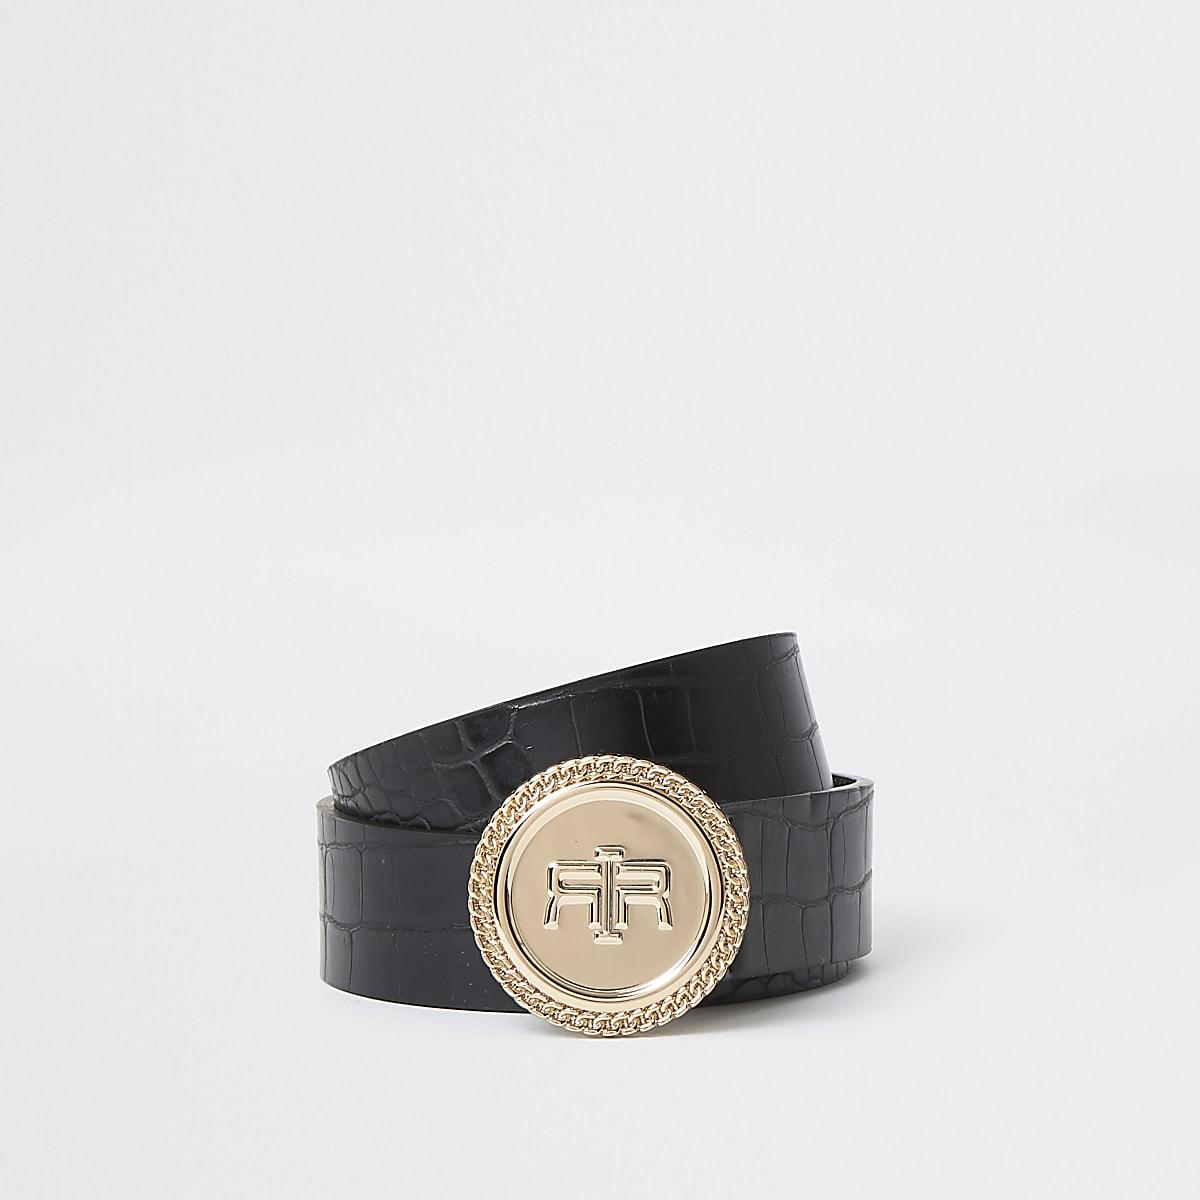 Zwarte riem met krokodillenprint, RI-logo en cirkelvormige gesp